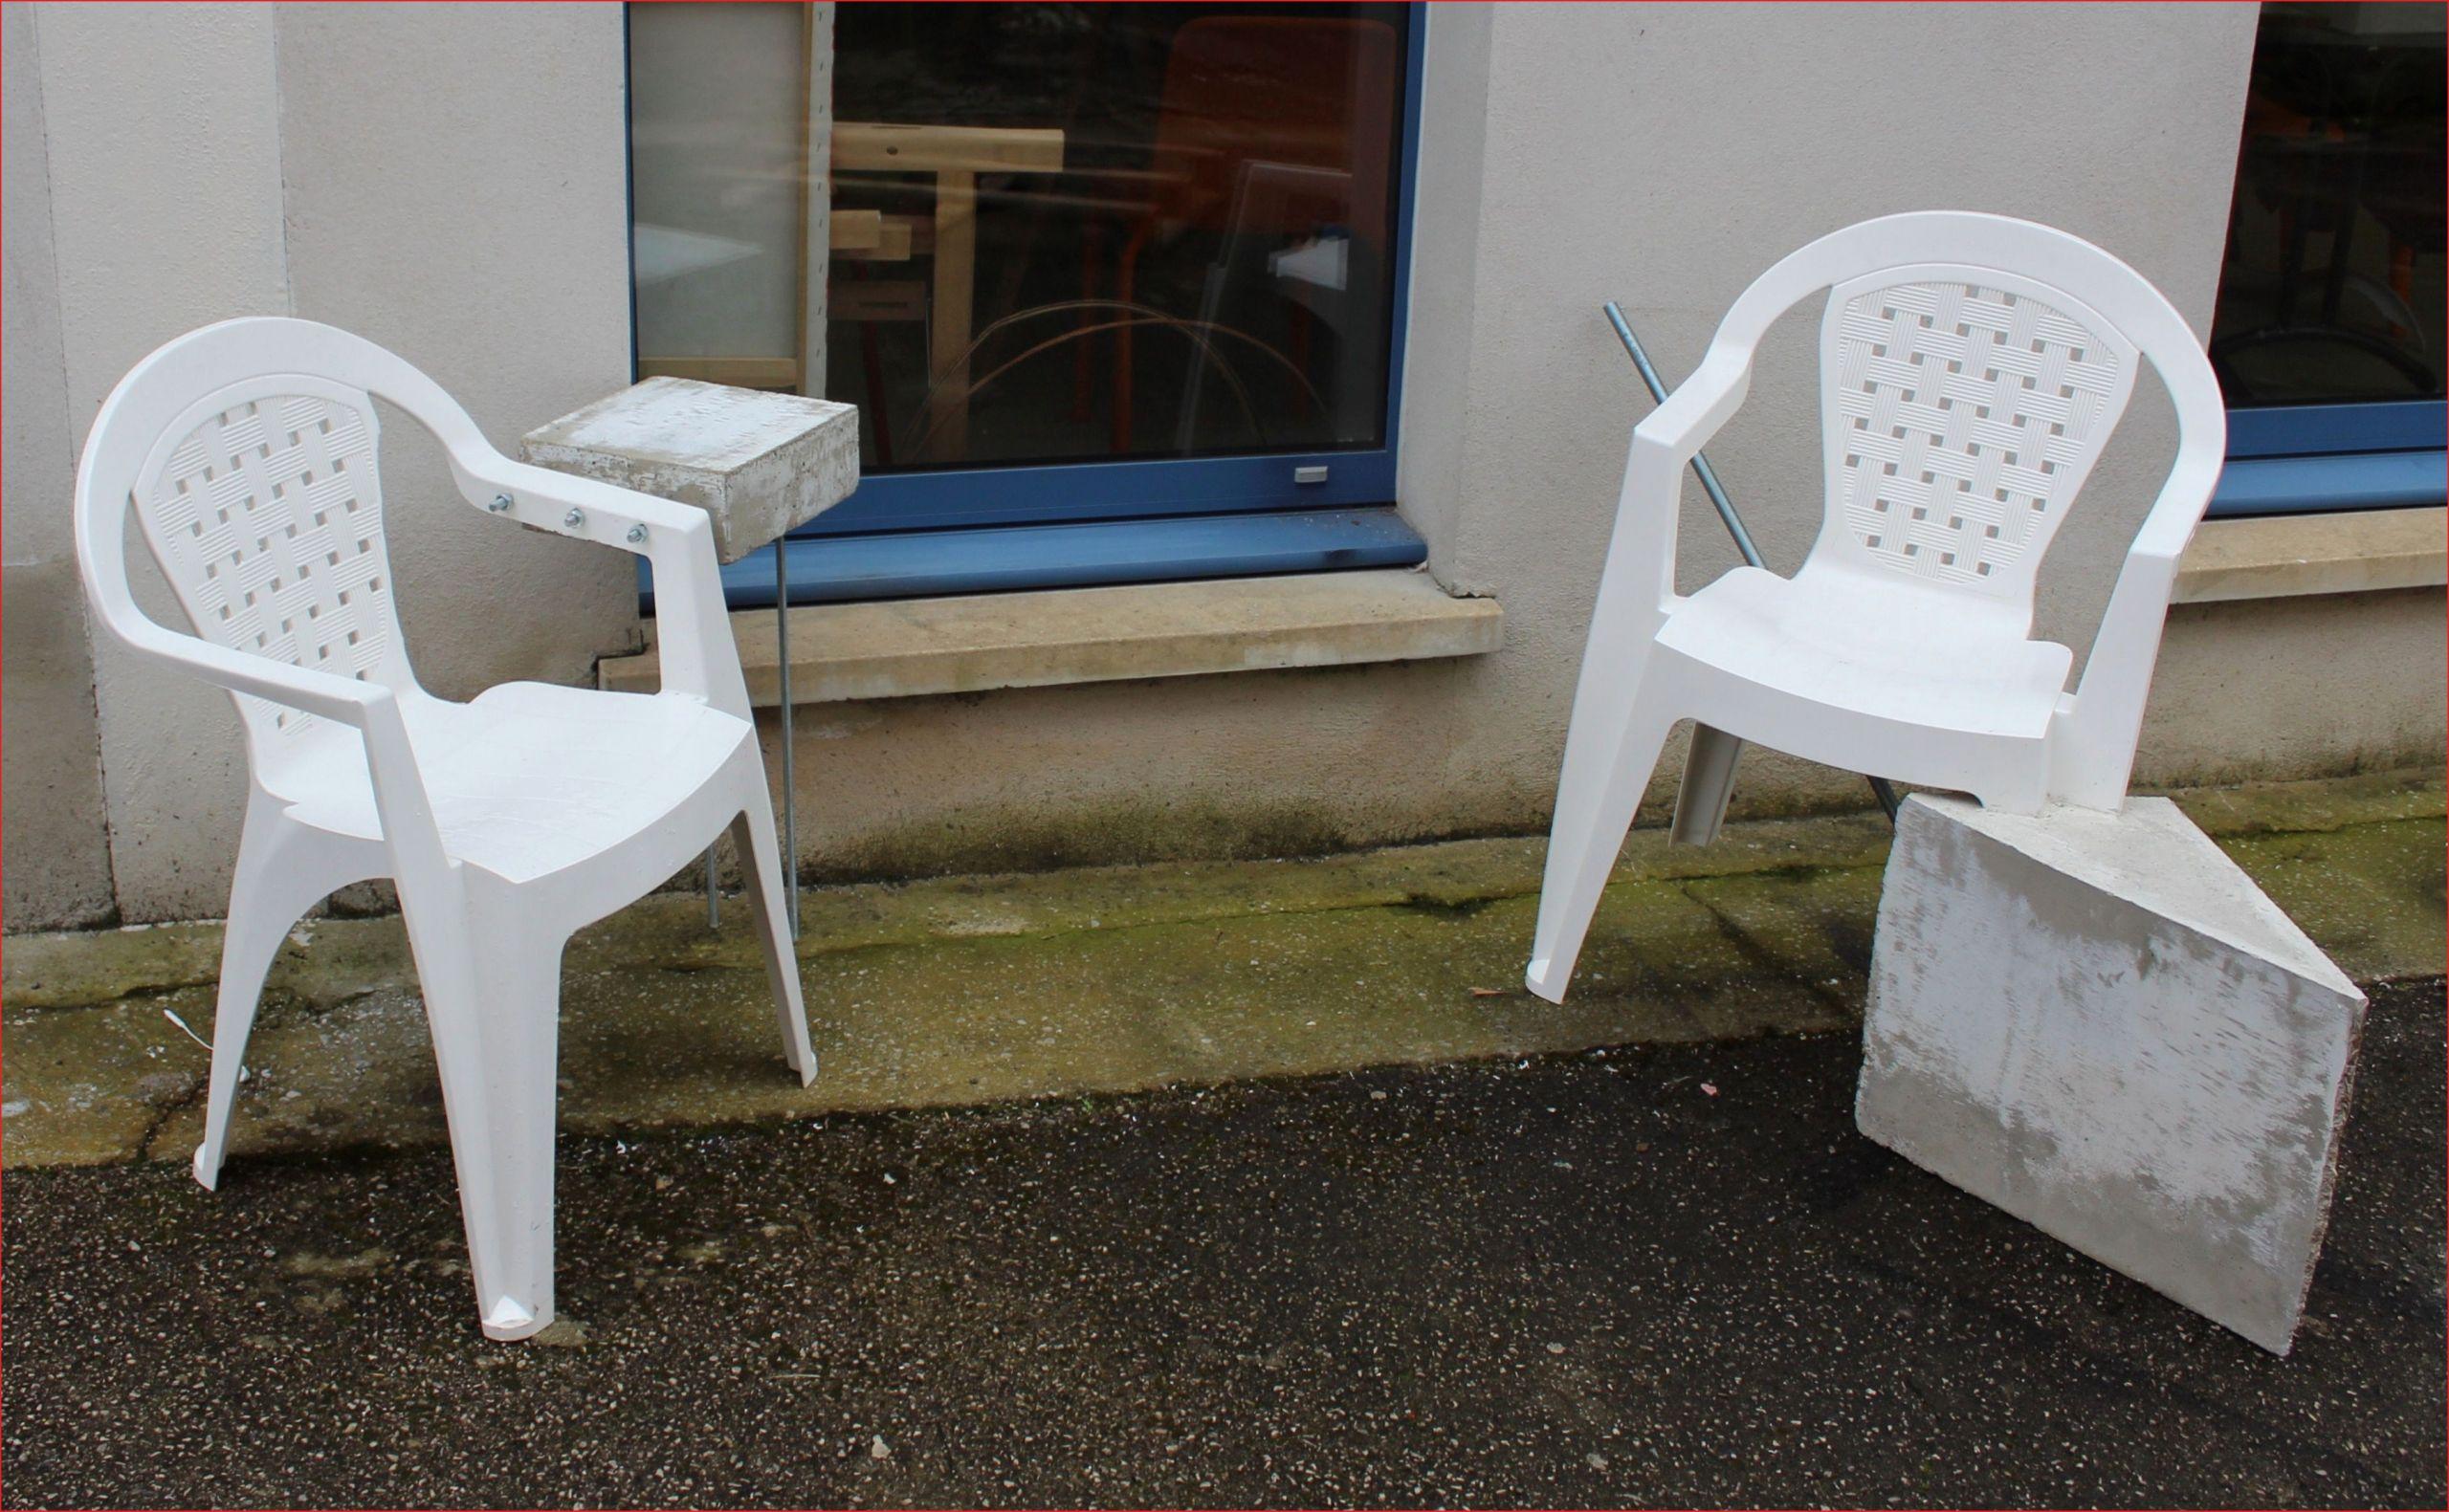 fauteuil bois chaise fauteuil design fauteuil de bureau noir beau chaise tulipe 0d of fauteuil bois